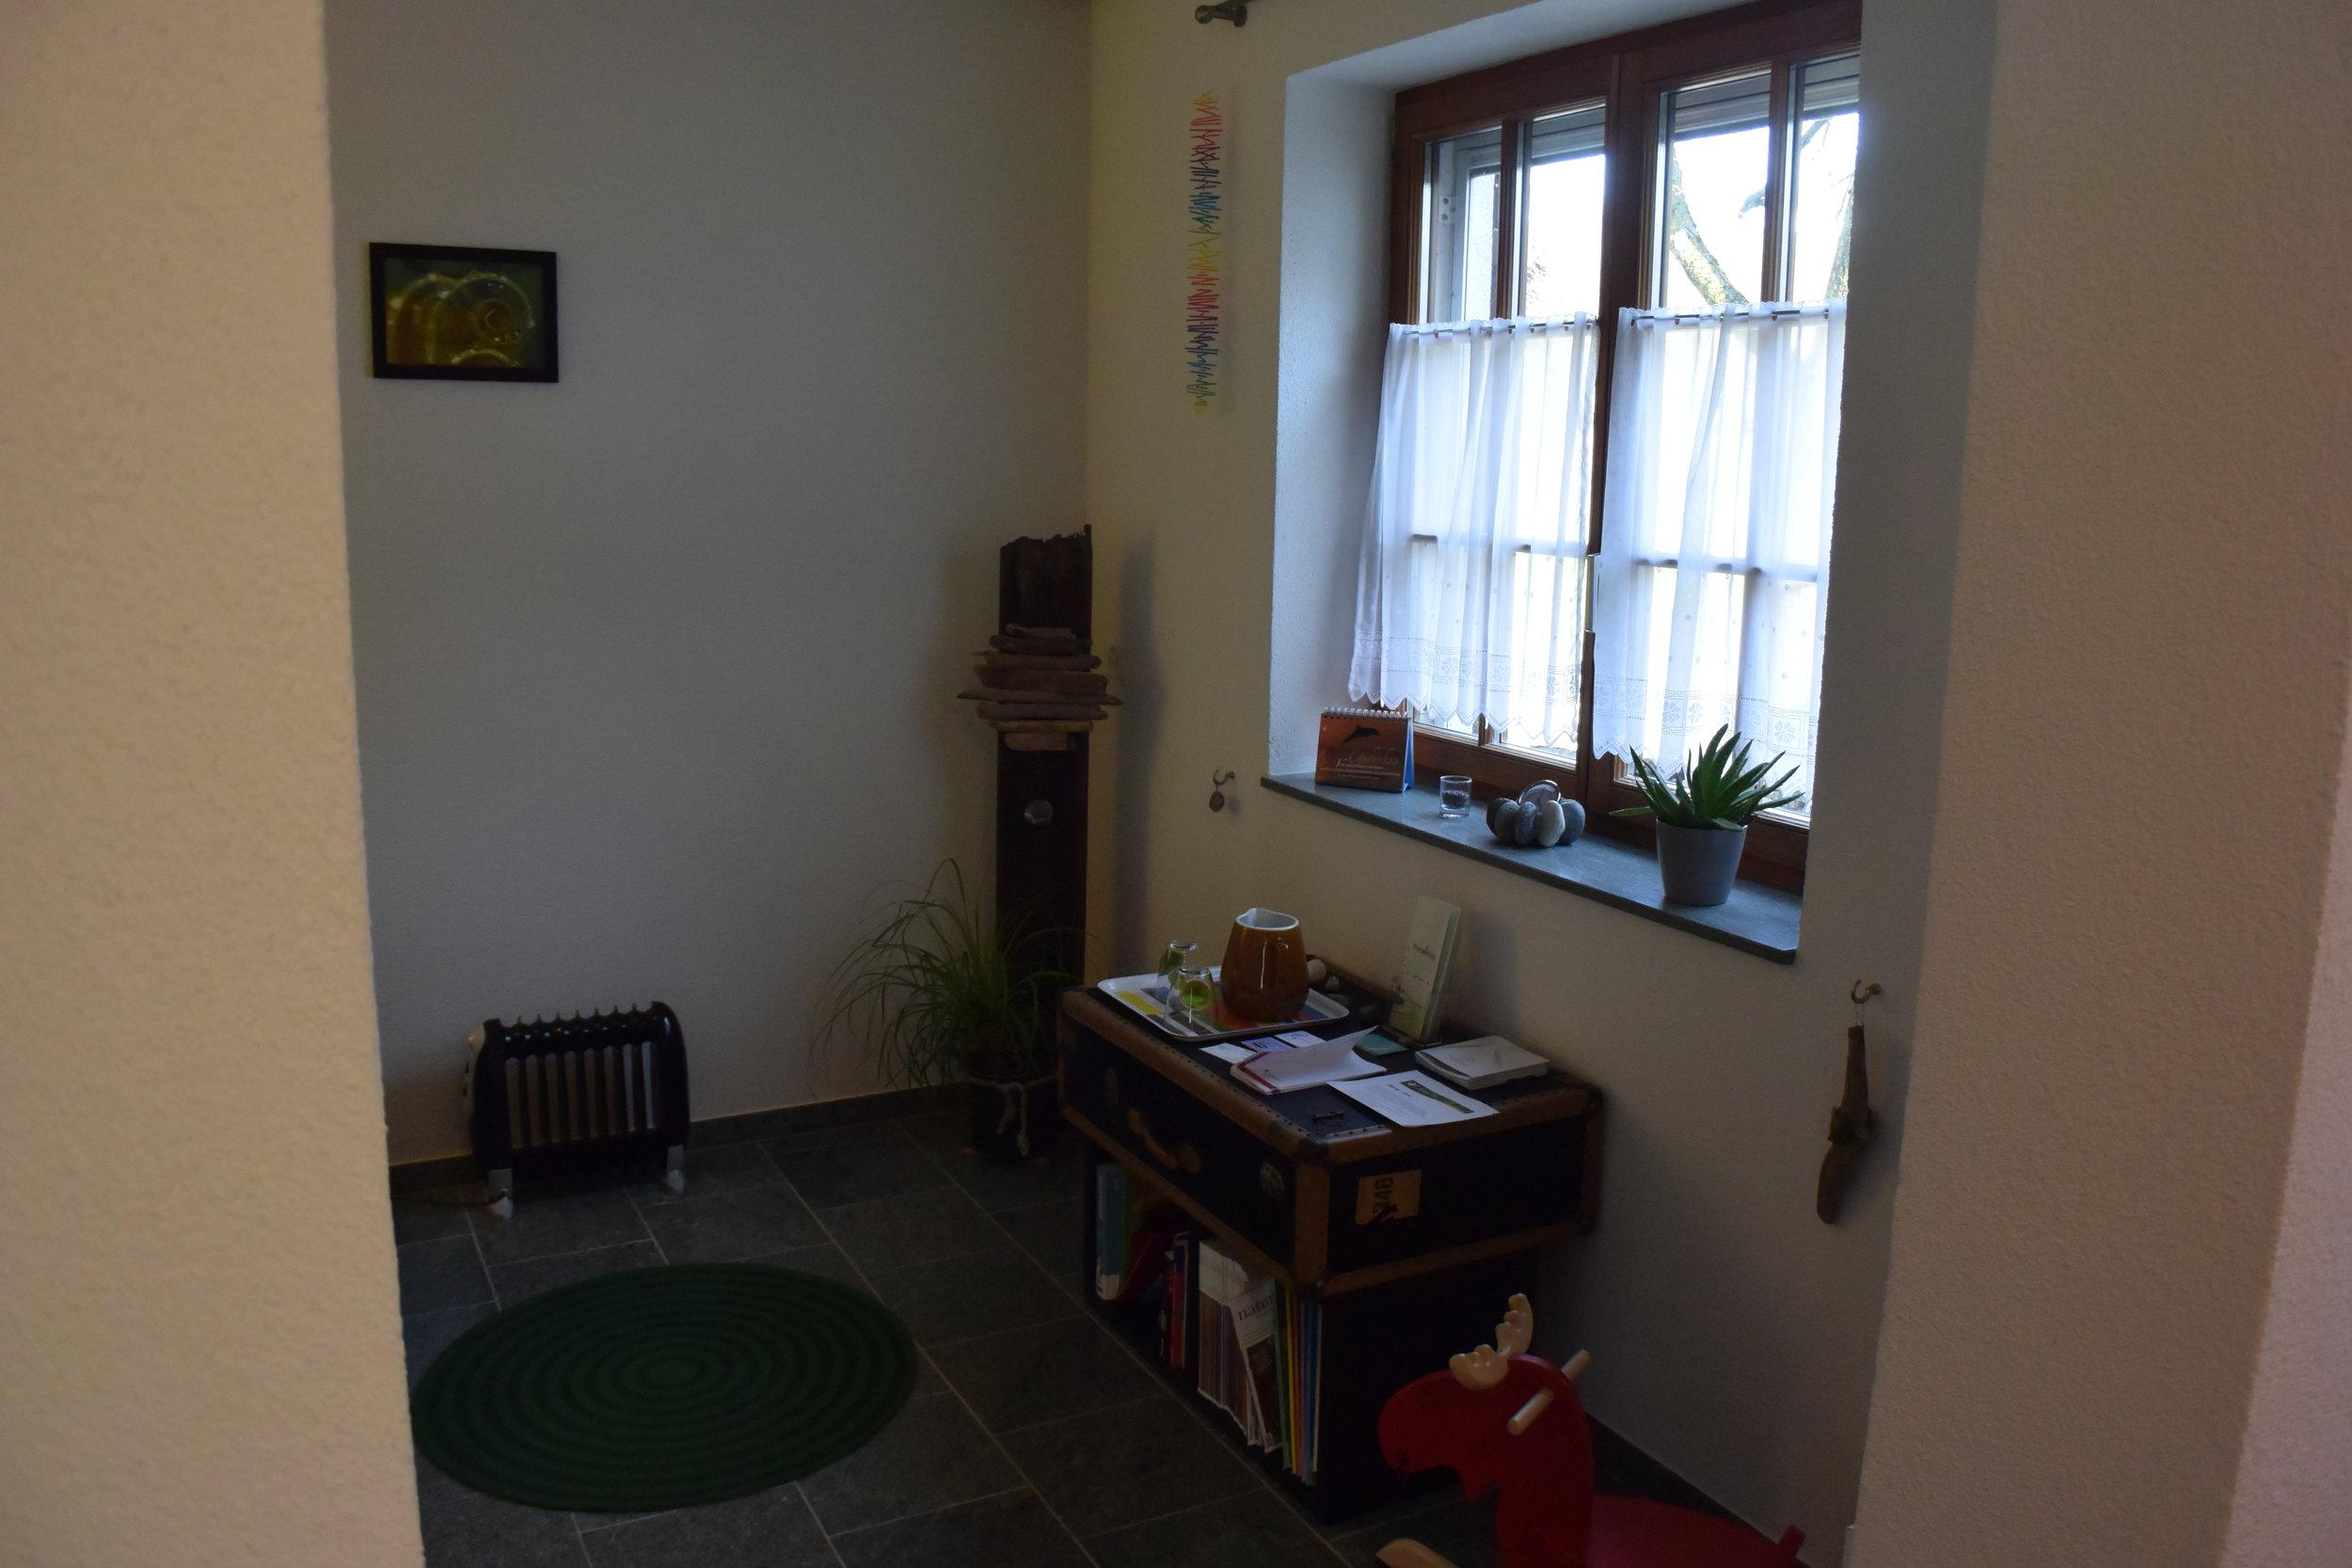 DSC_2232 Office.JPG